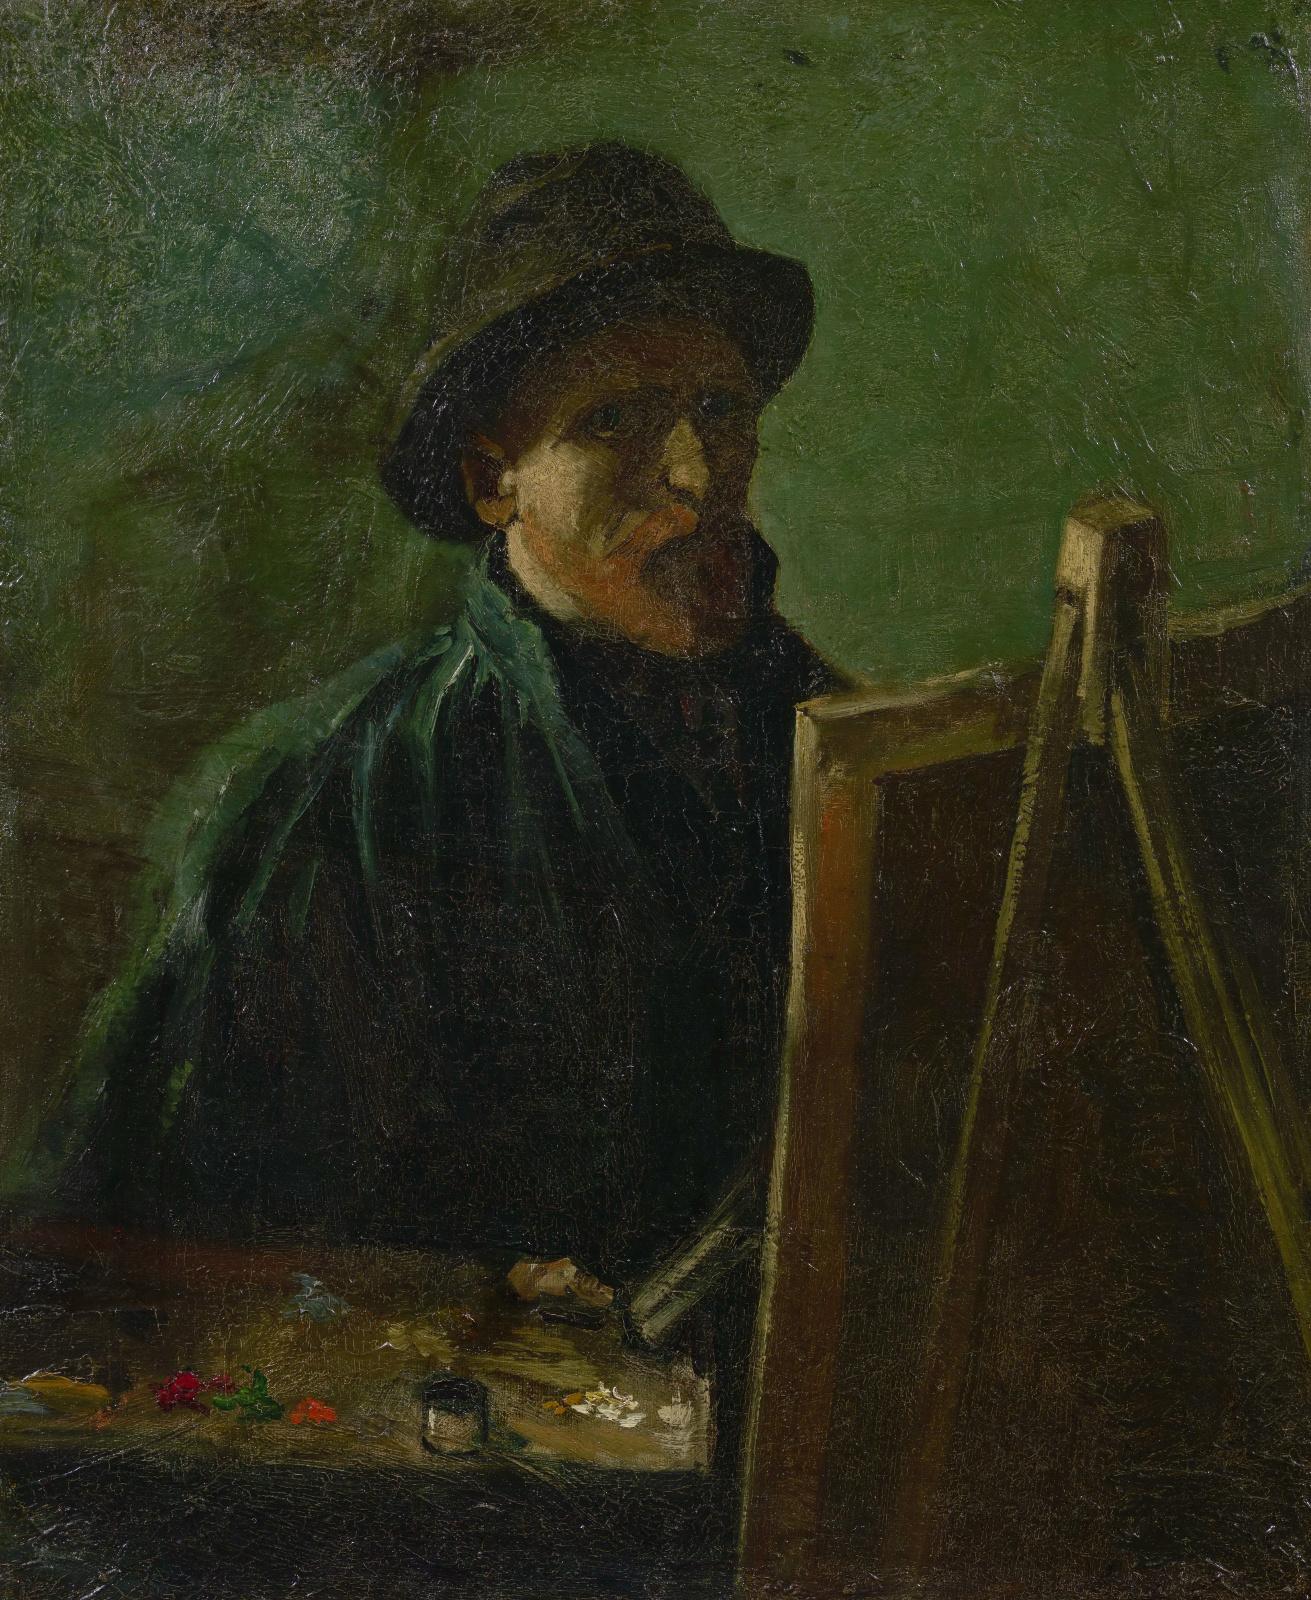 Винсент Ван Гог. Автопортрет в тёмной фетровой шляпе у мольберта